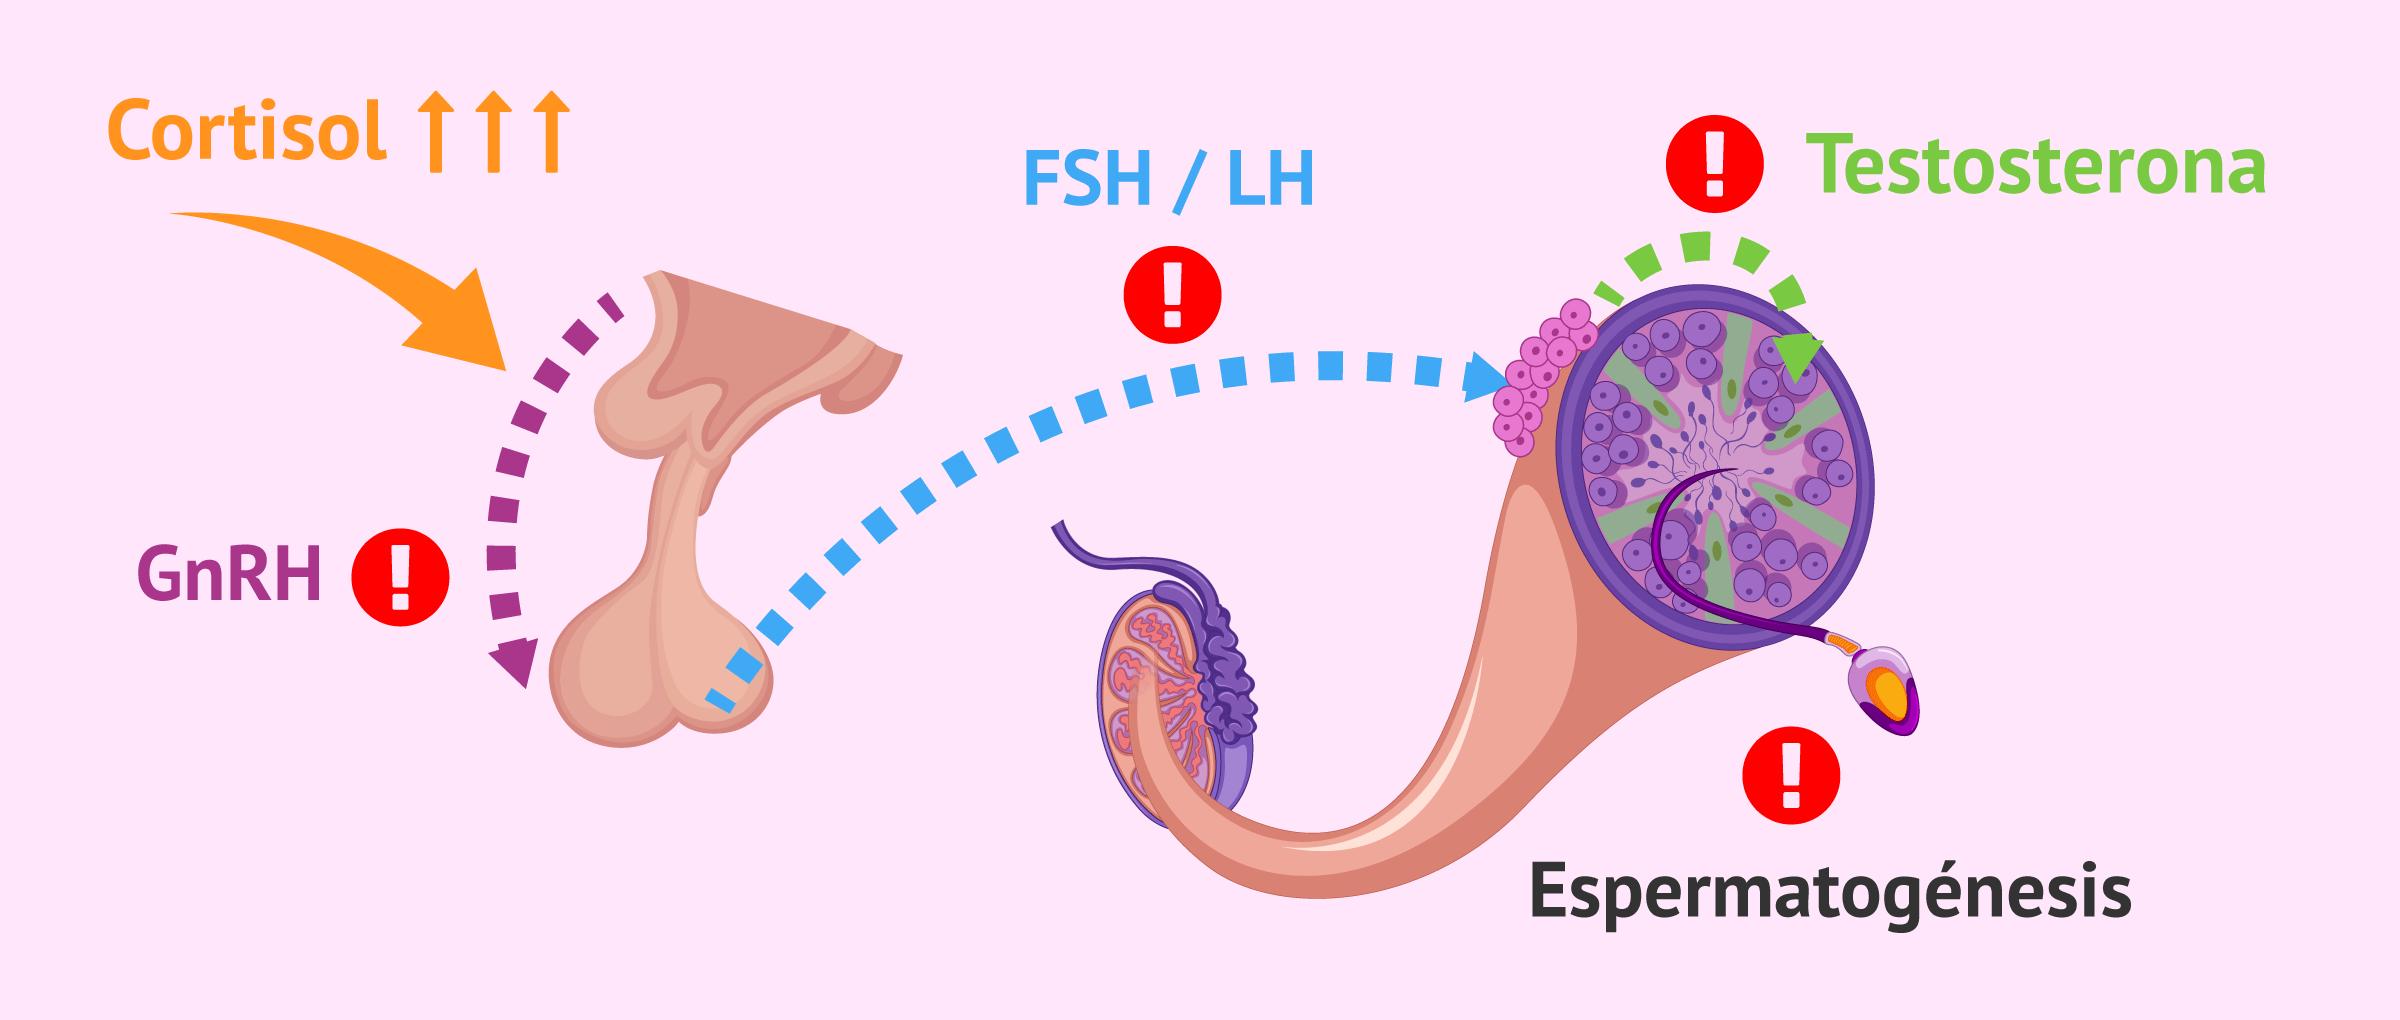 Alteraciones del eje hipotálamo-hipófisis-testículo en hombres con estrés